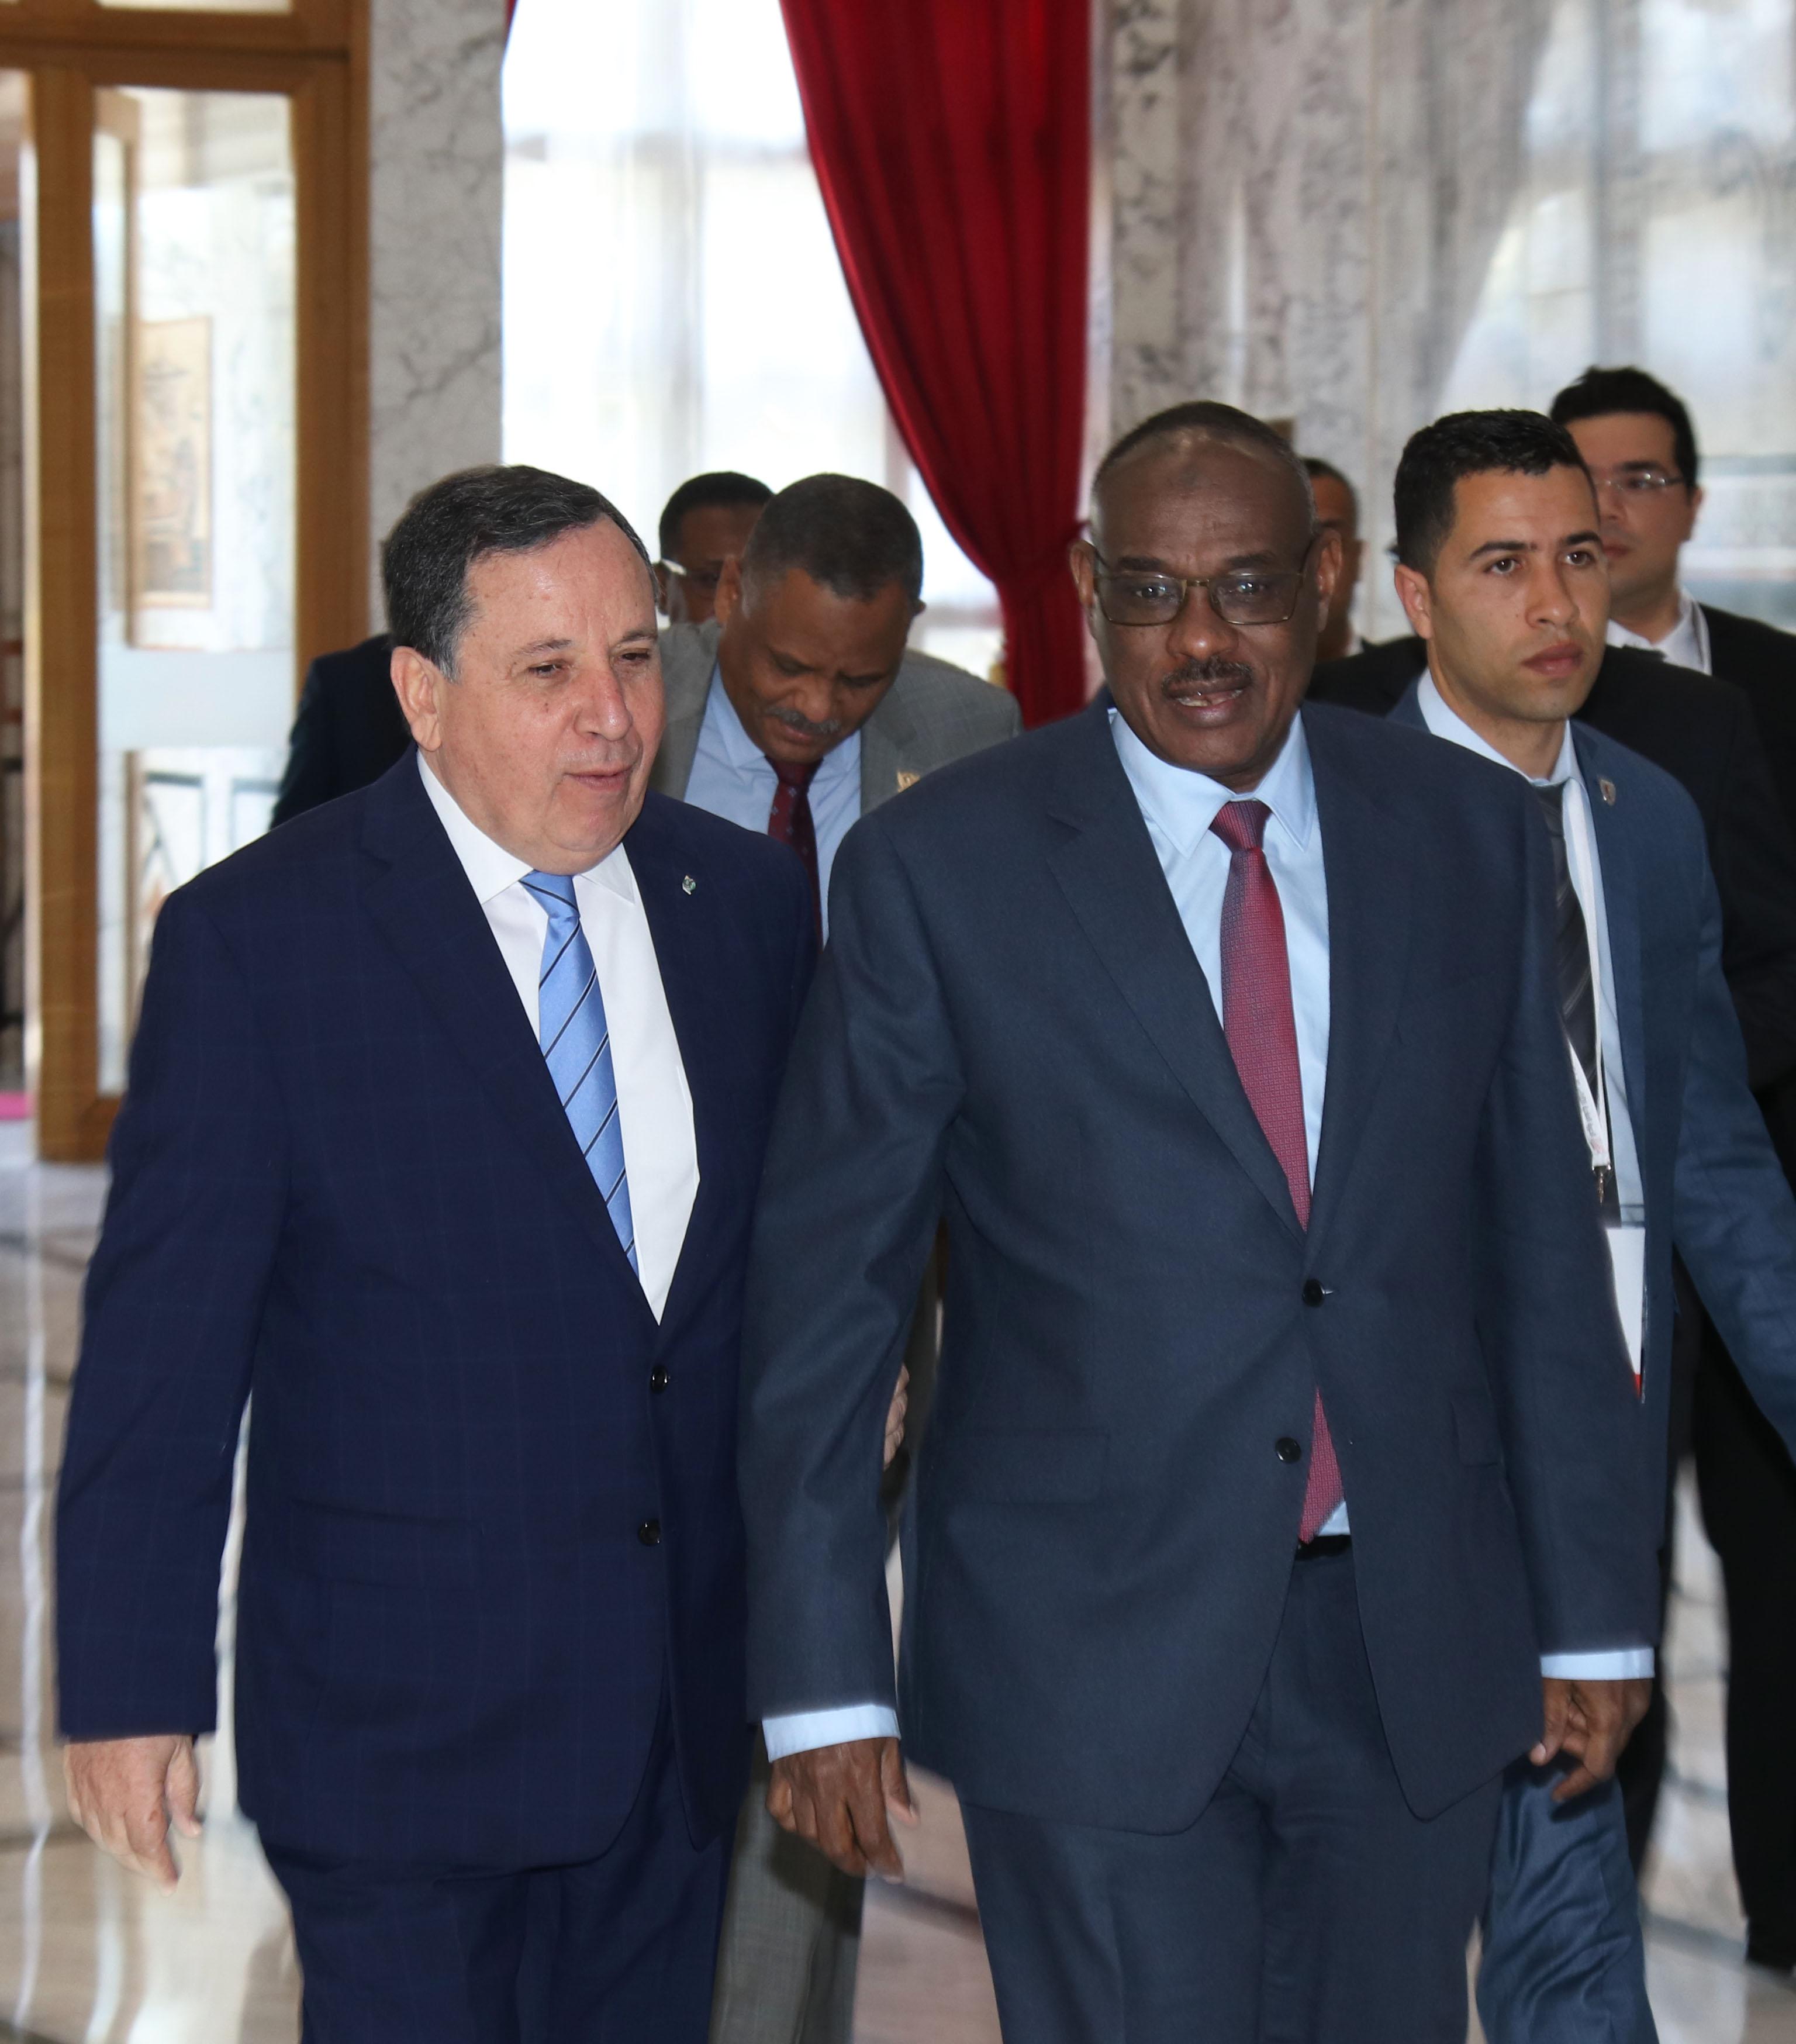 وزير الخارجية يبحث مع نظيره السوداني جدول أعمال القمة العربية والتعاون الثنائي بين البلدين: